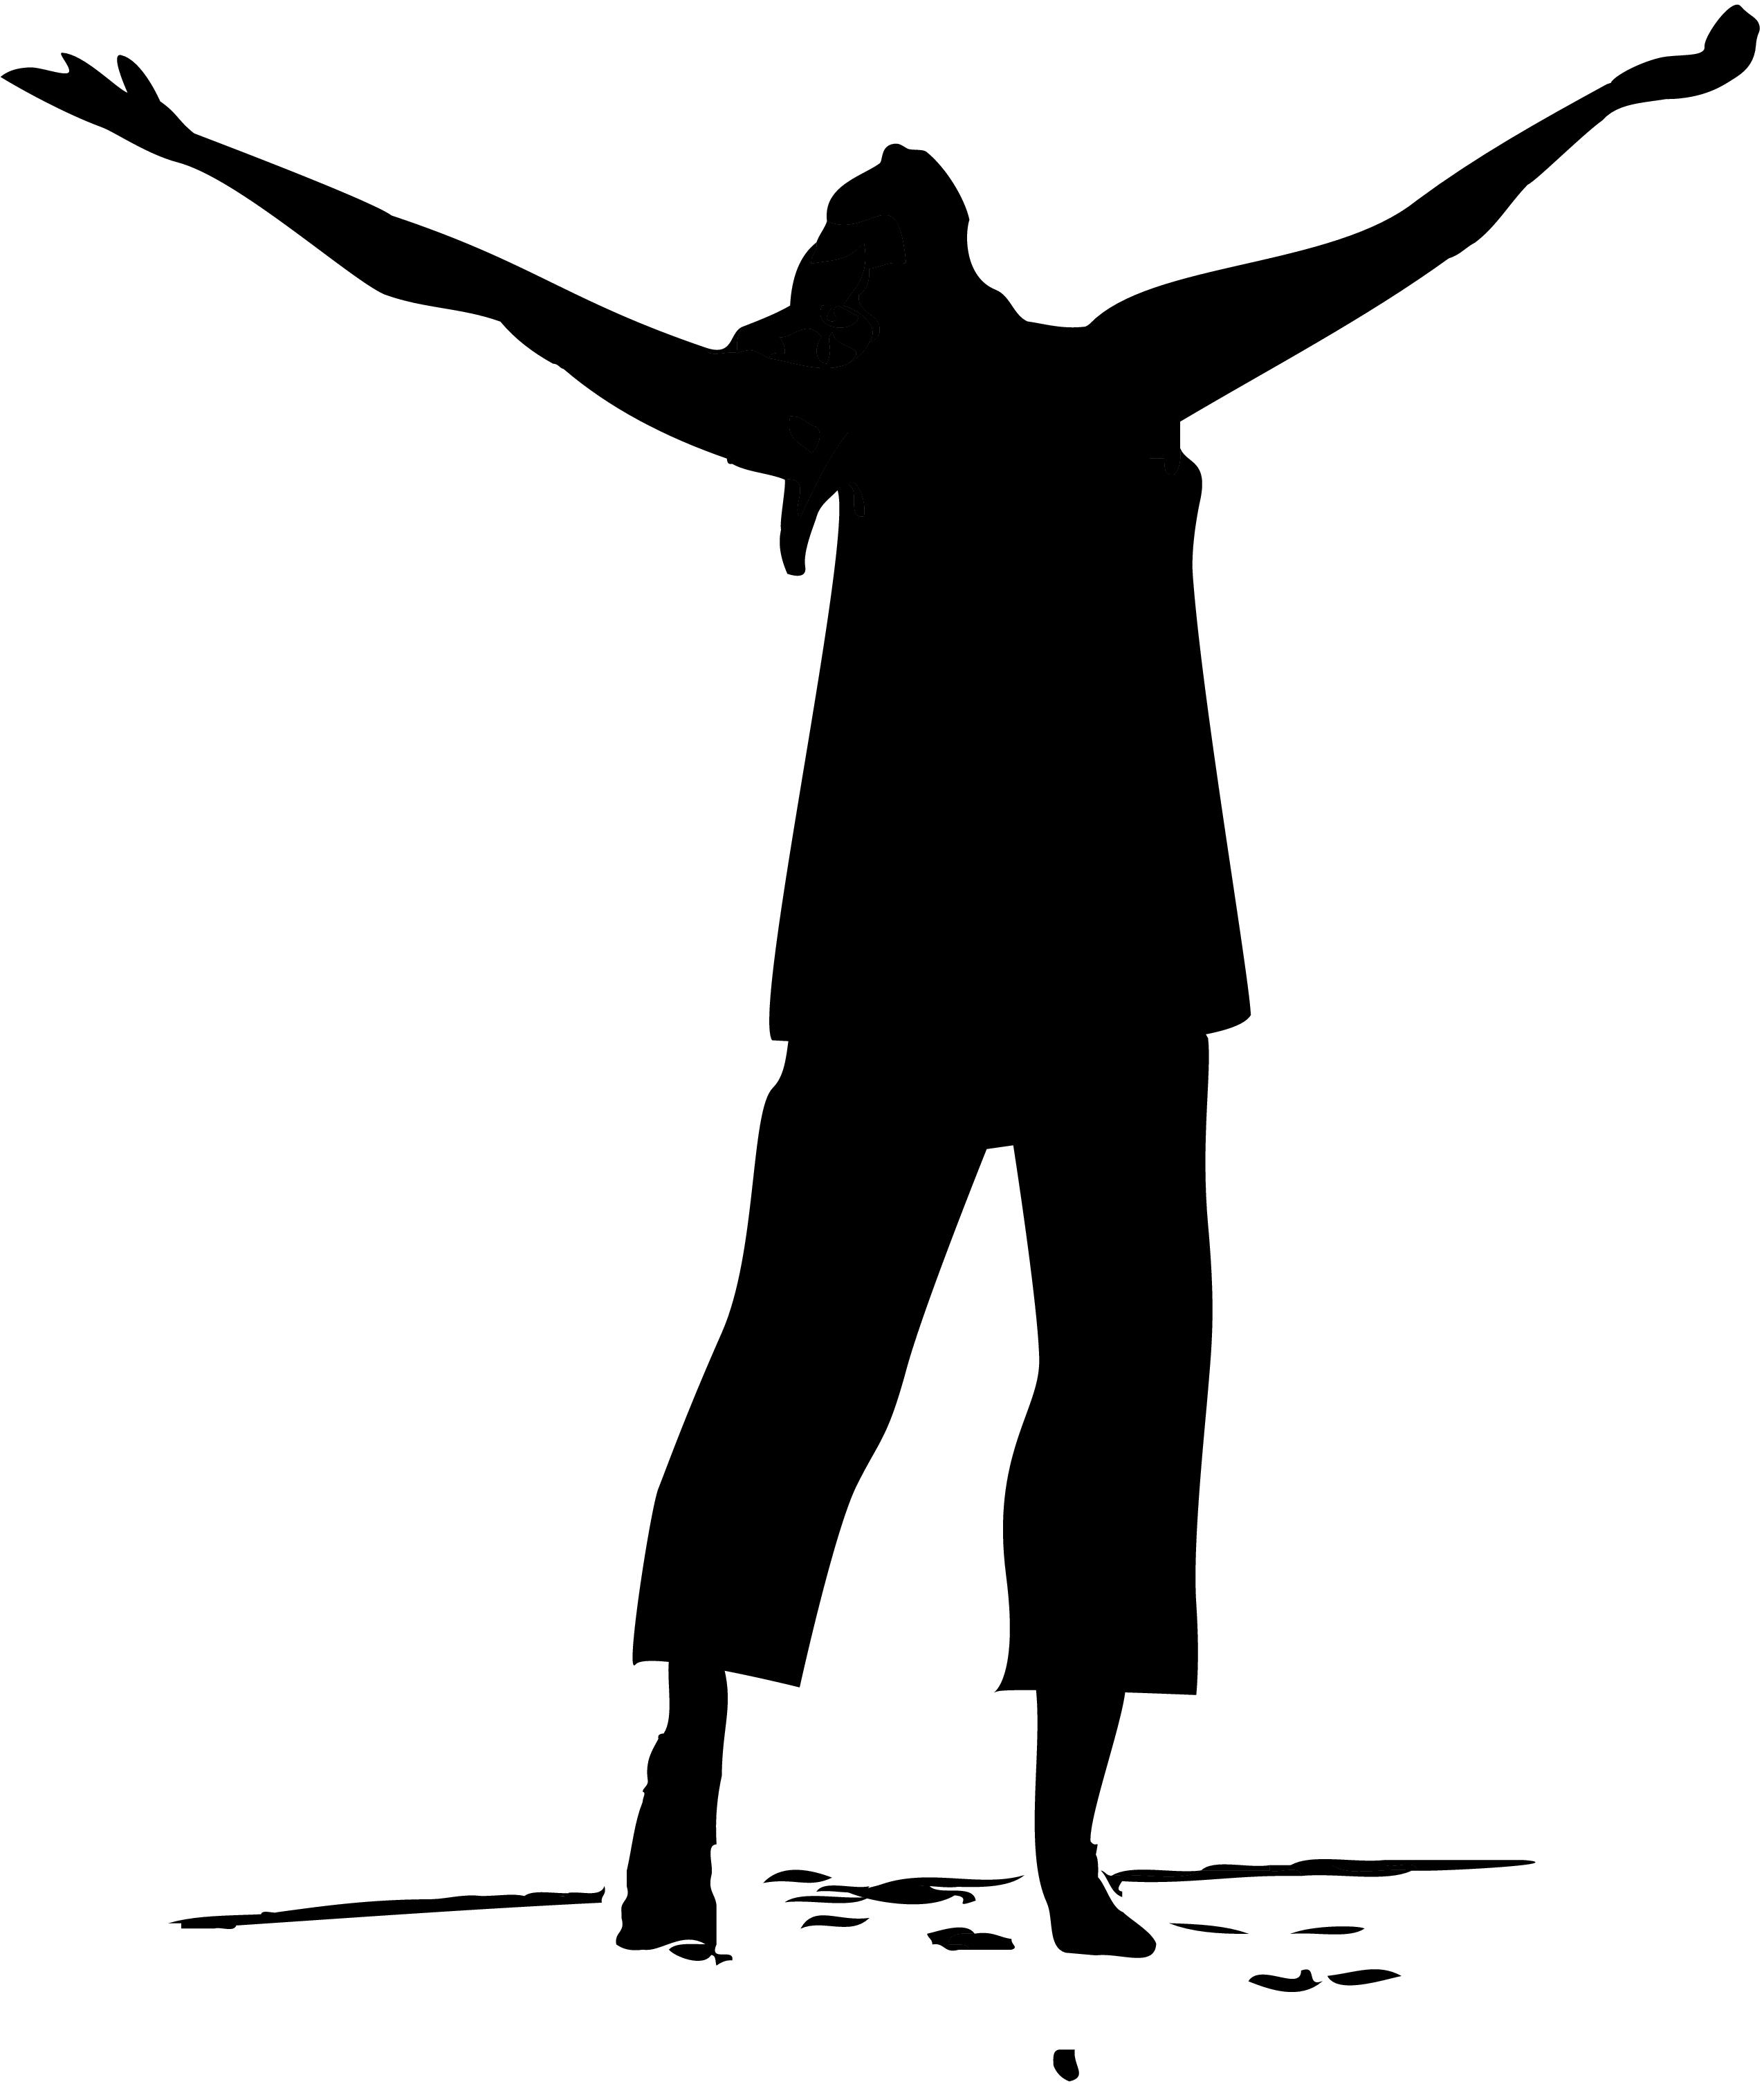 Praise Dance Silhouette Clip Art N8 free image.